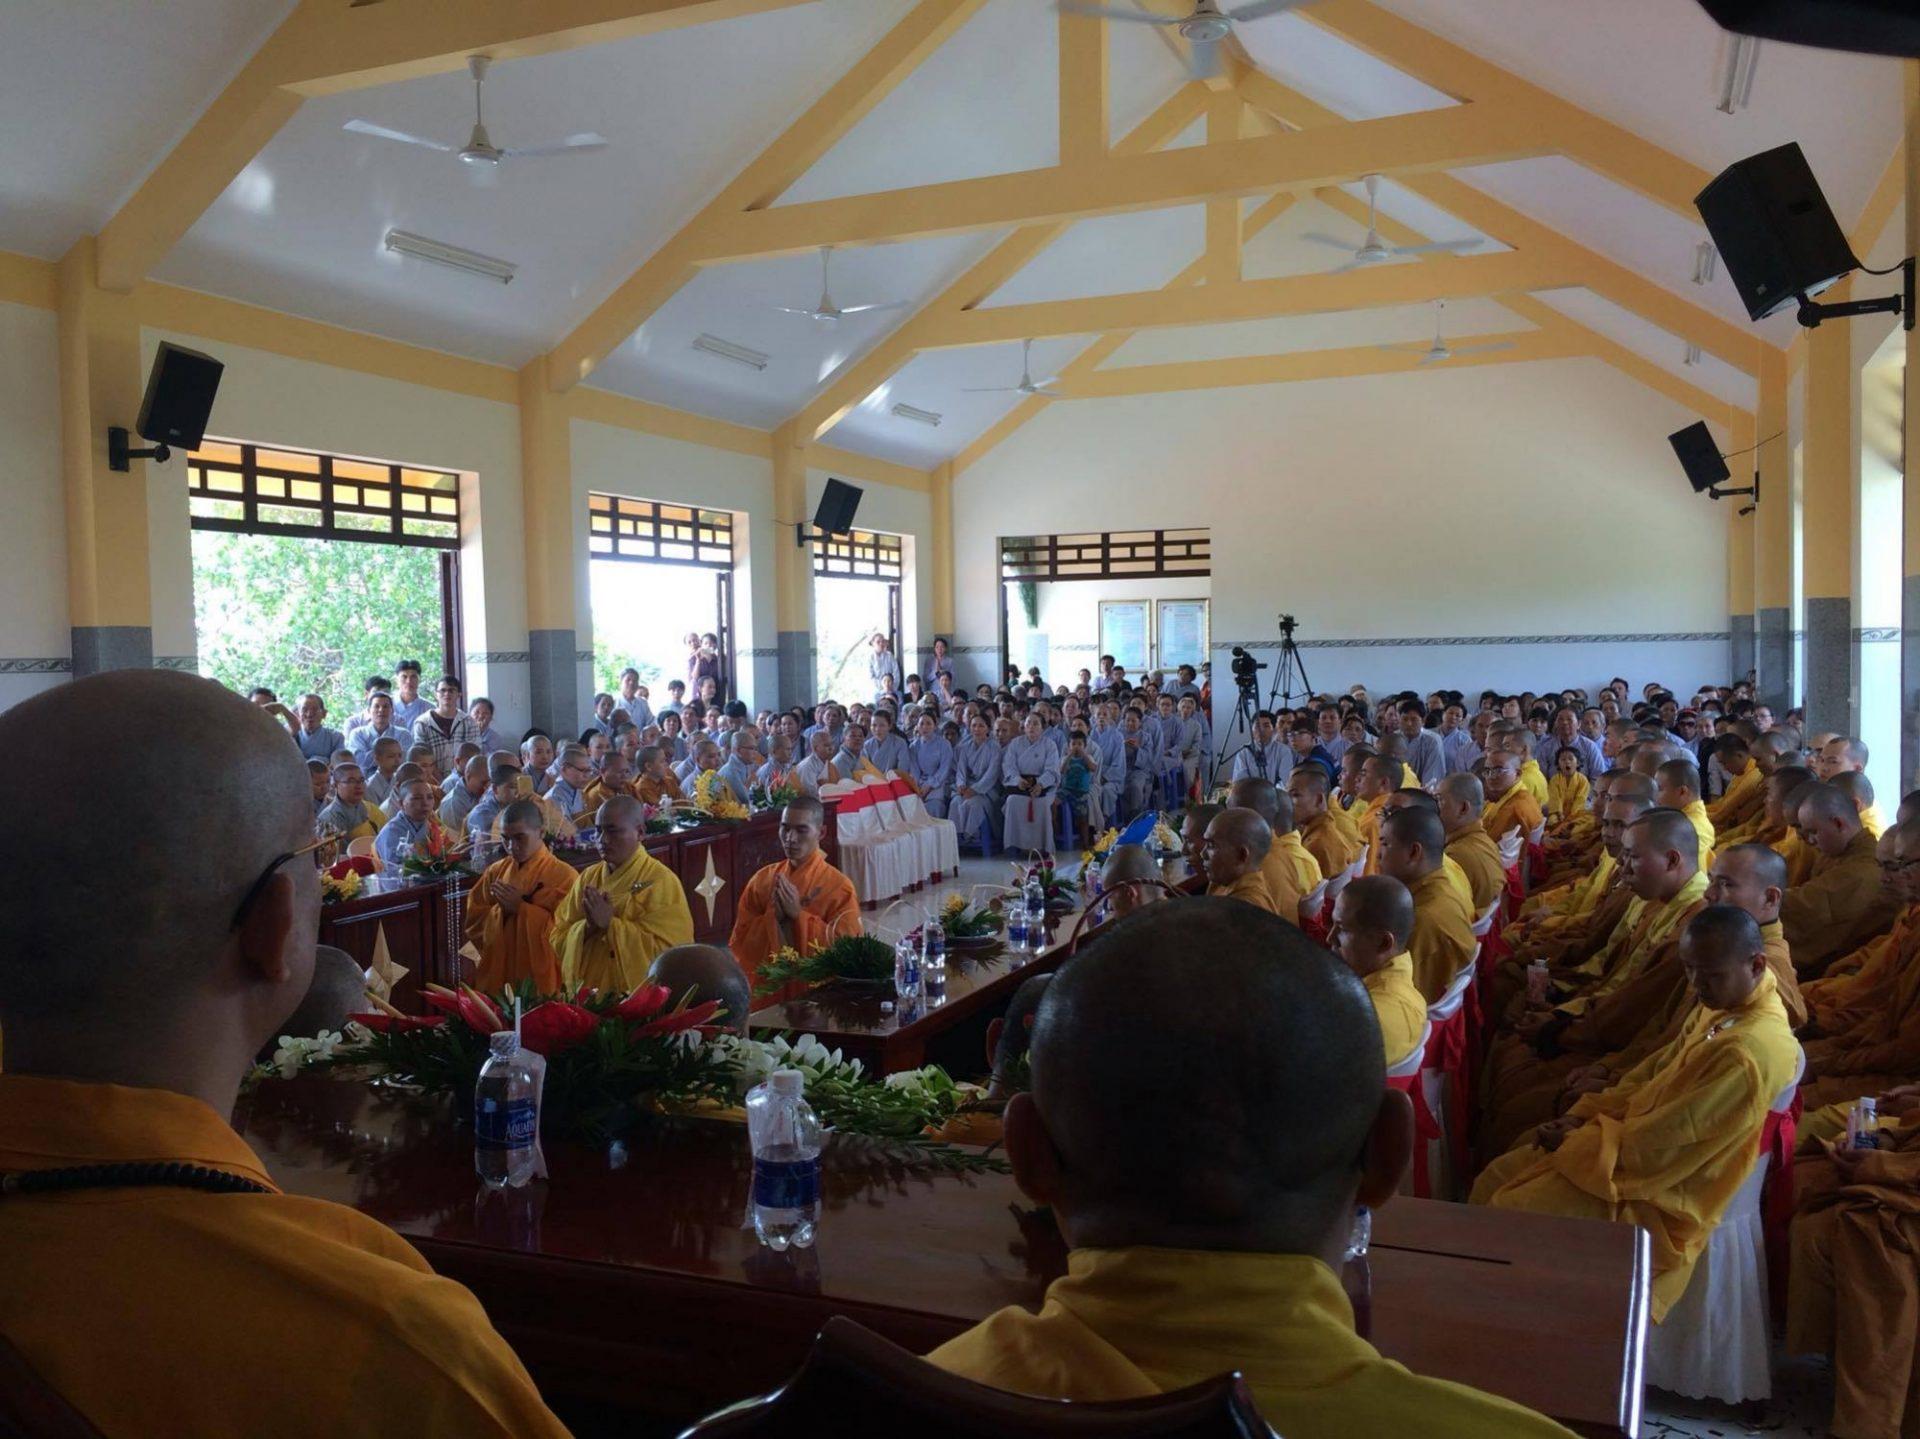 hệ thống âm thanh cho nhà chùa